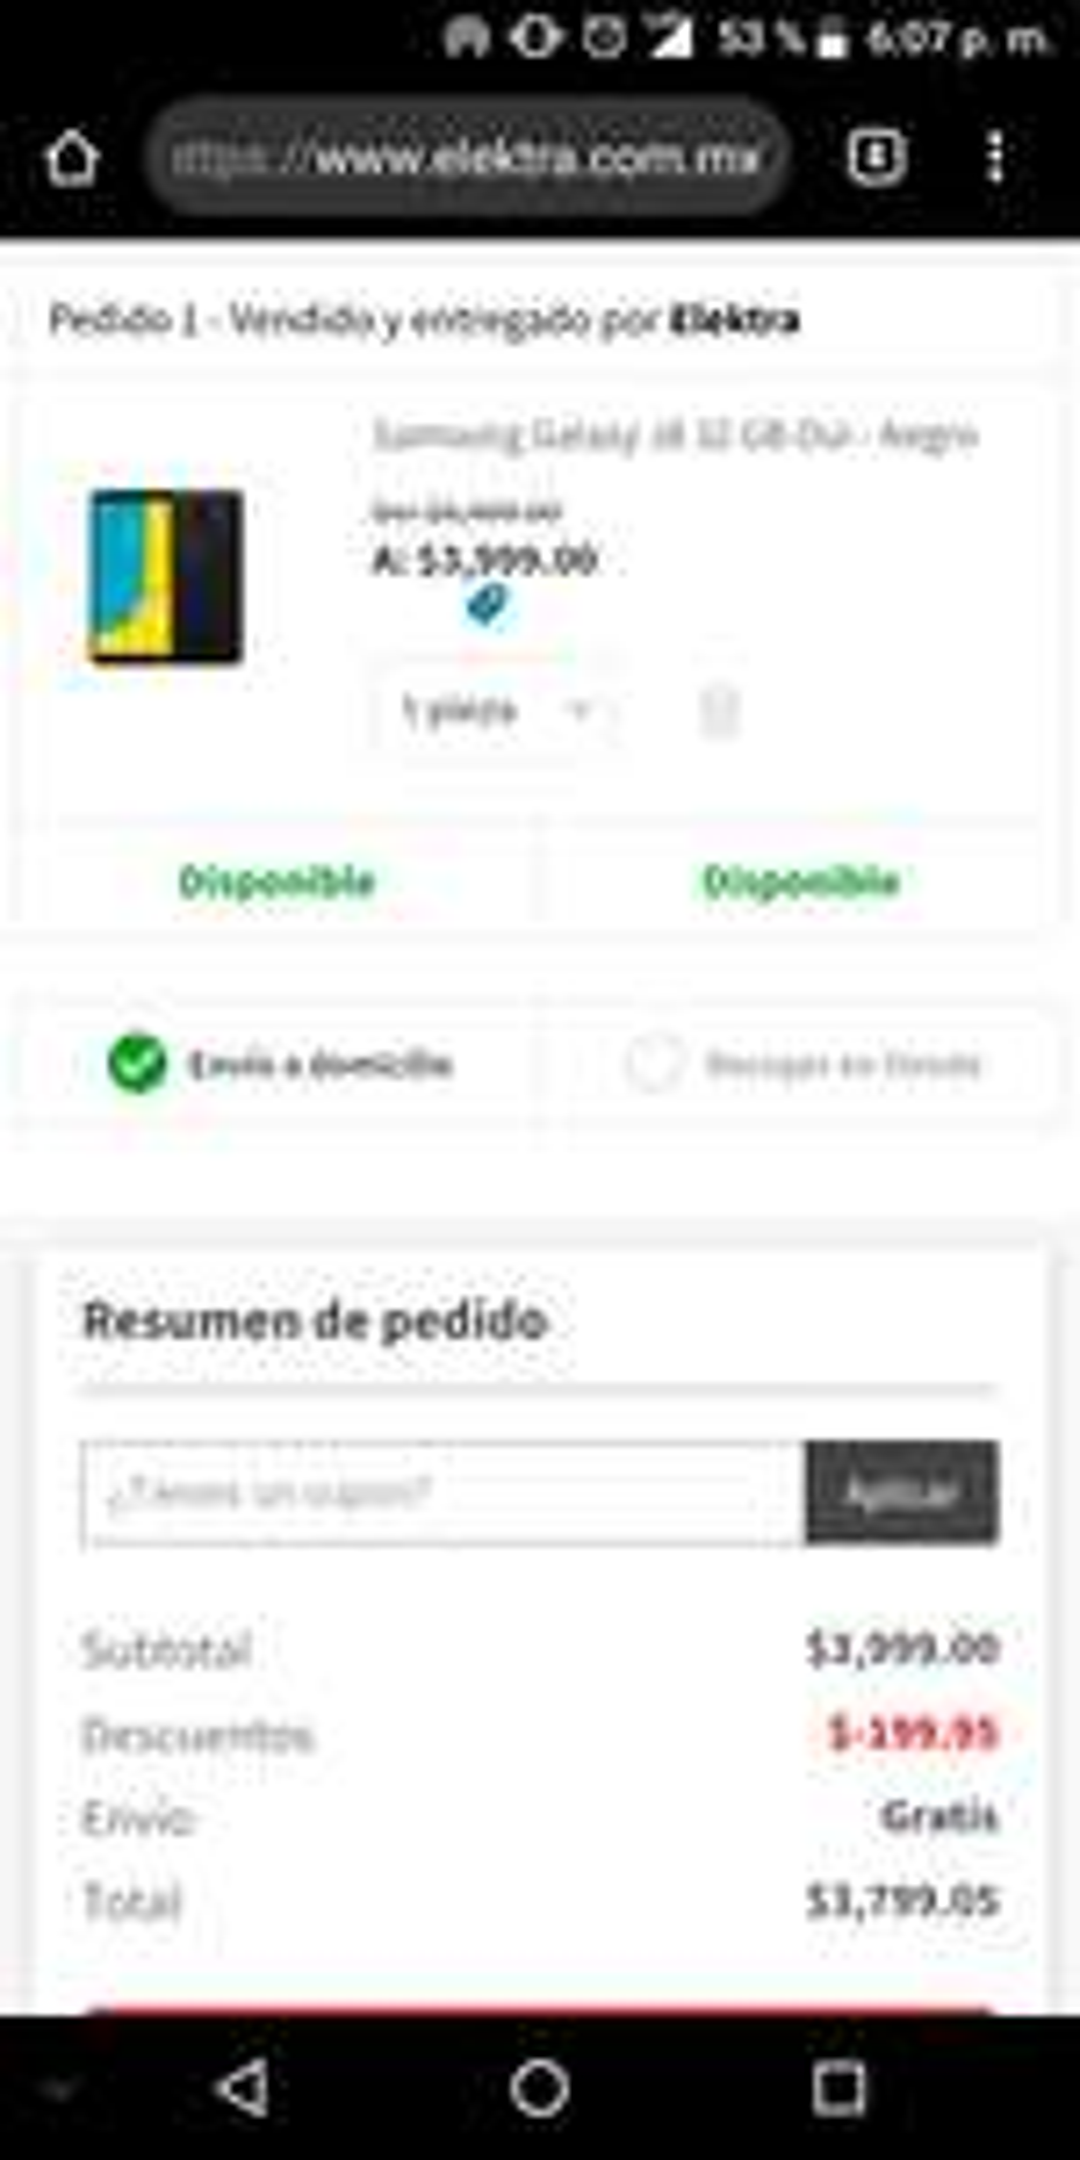 Elektra: Samsung Galaxy J8 oferta relámpago (pagando con Banamex)